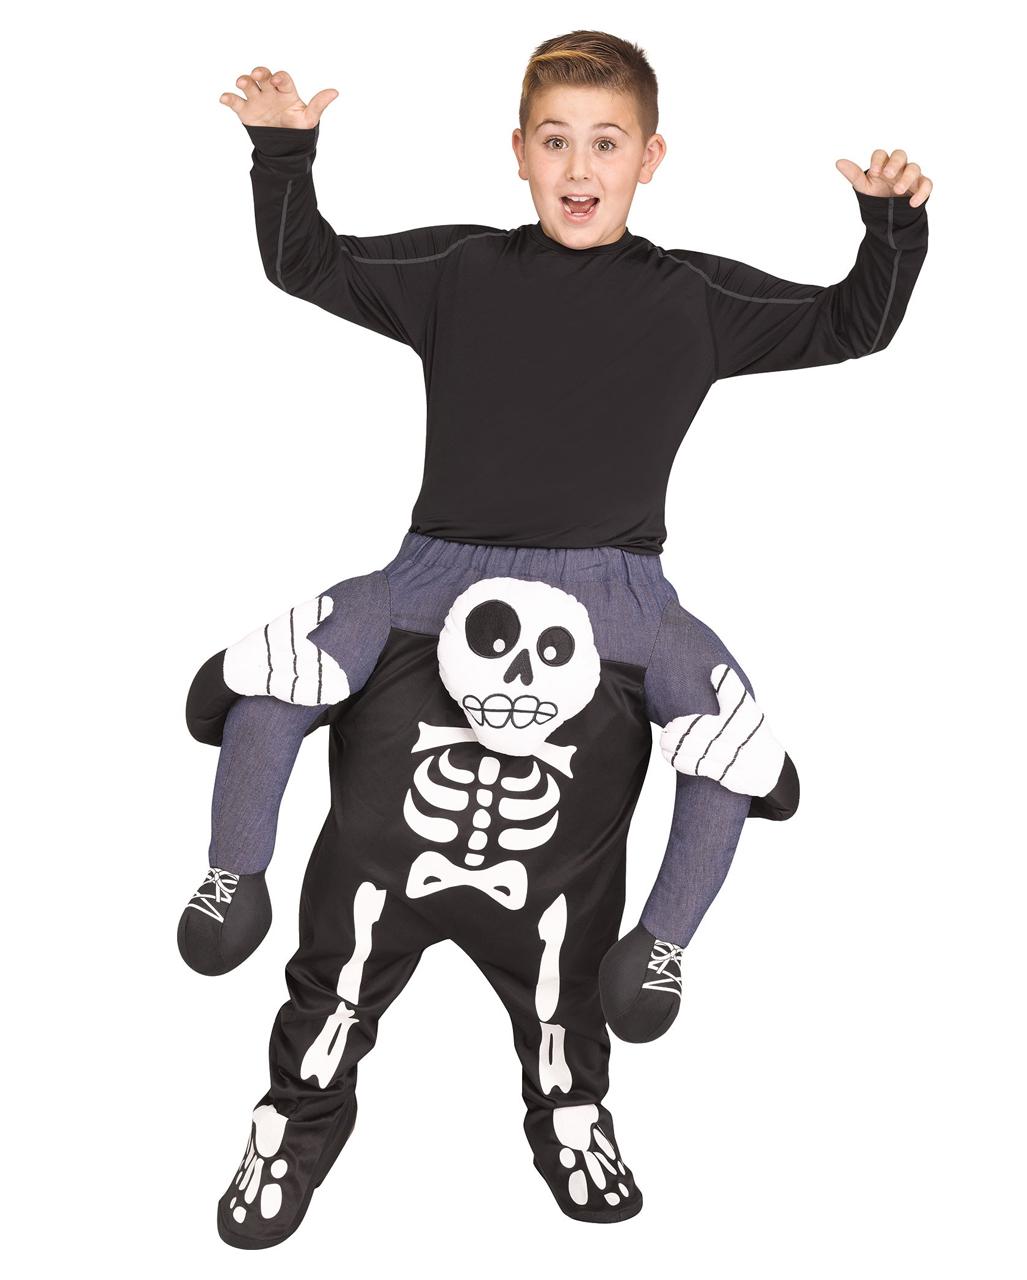 d92e371c4c11 Skeleton piggyback kids costume buy online